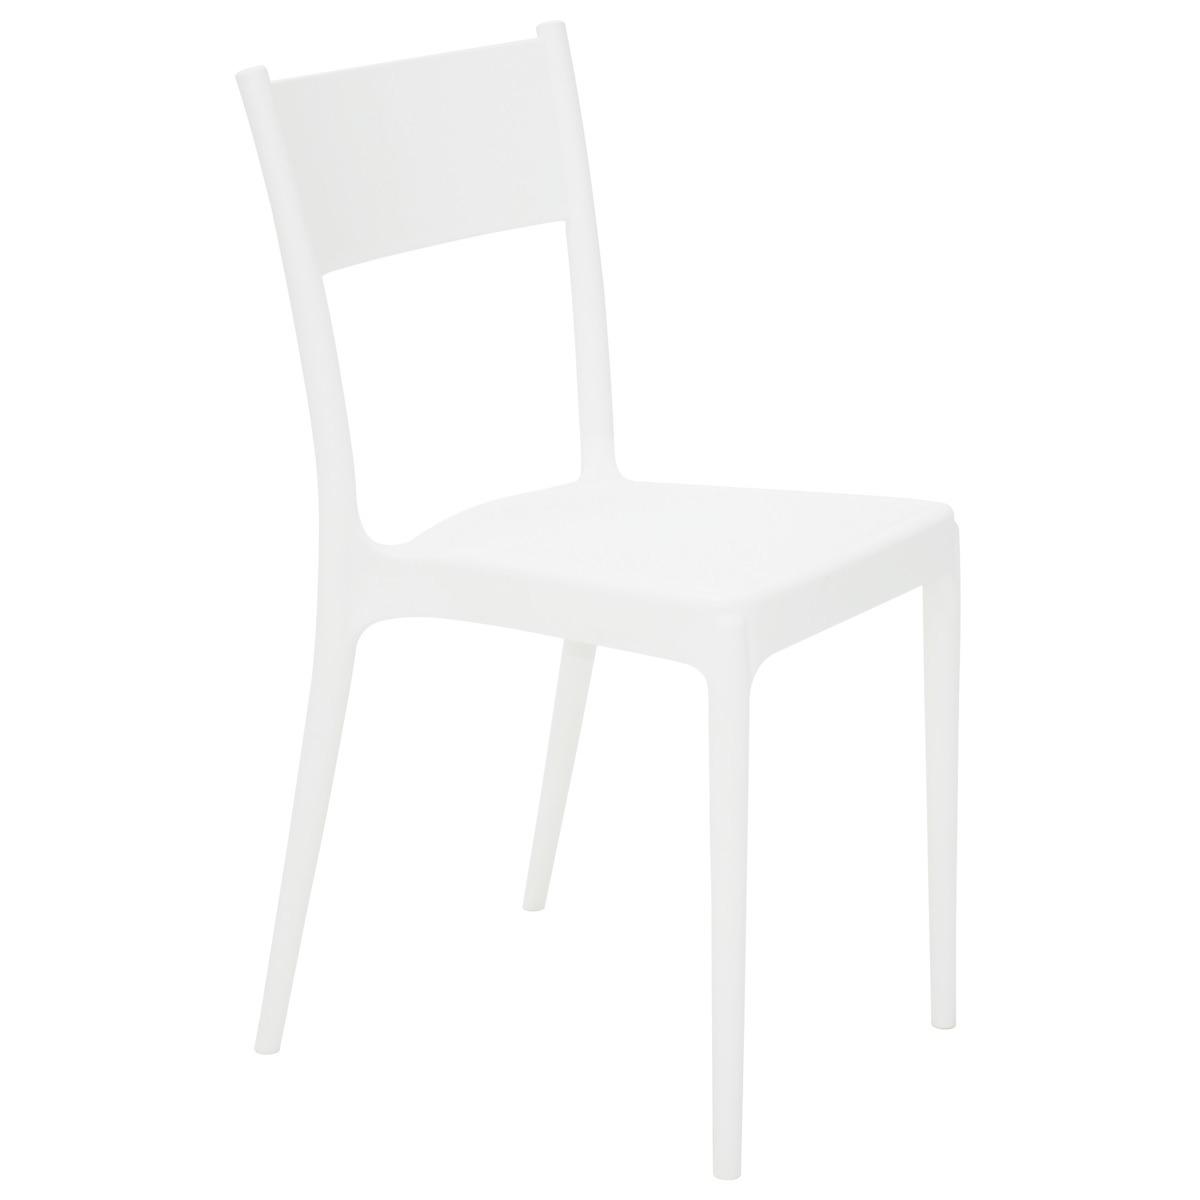 Cadeira Tramontina Branca Diana em Polipropileno com Encosto